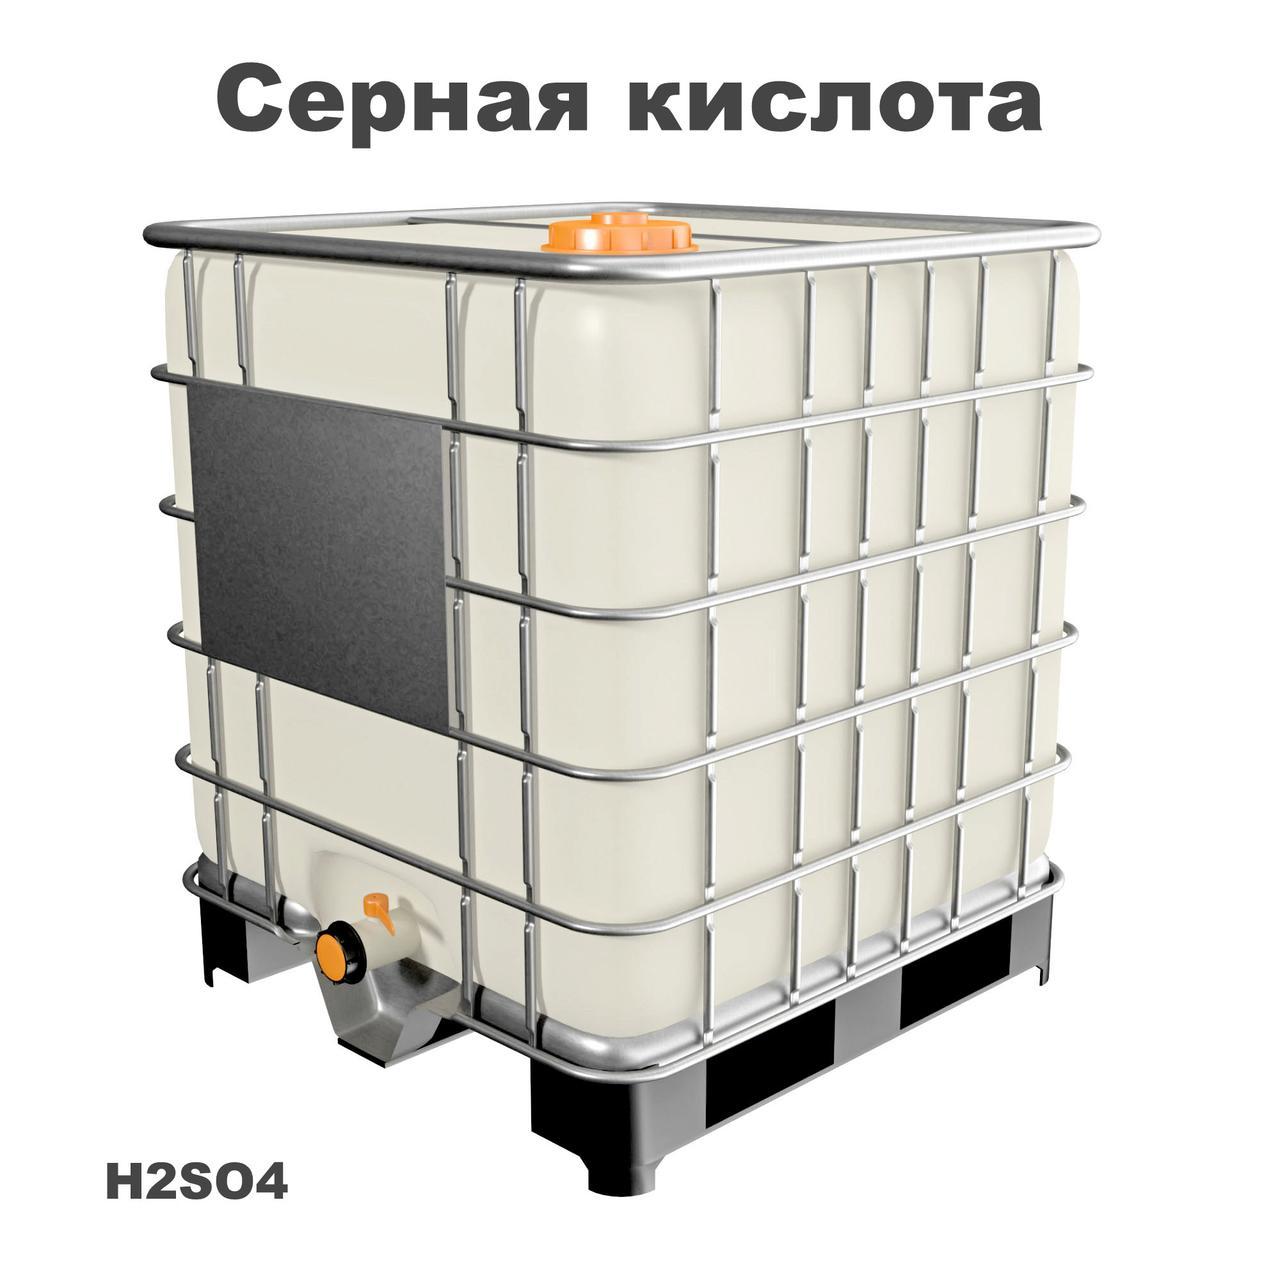 Кислота серная техническая концентрированная 92-94%, 1 сорт, ОПТОМ, в кубах